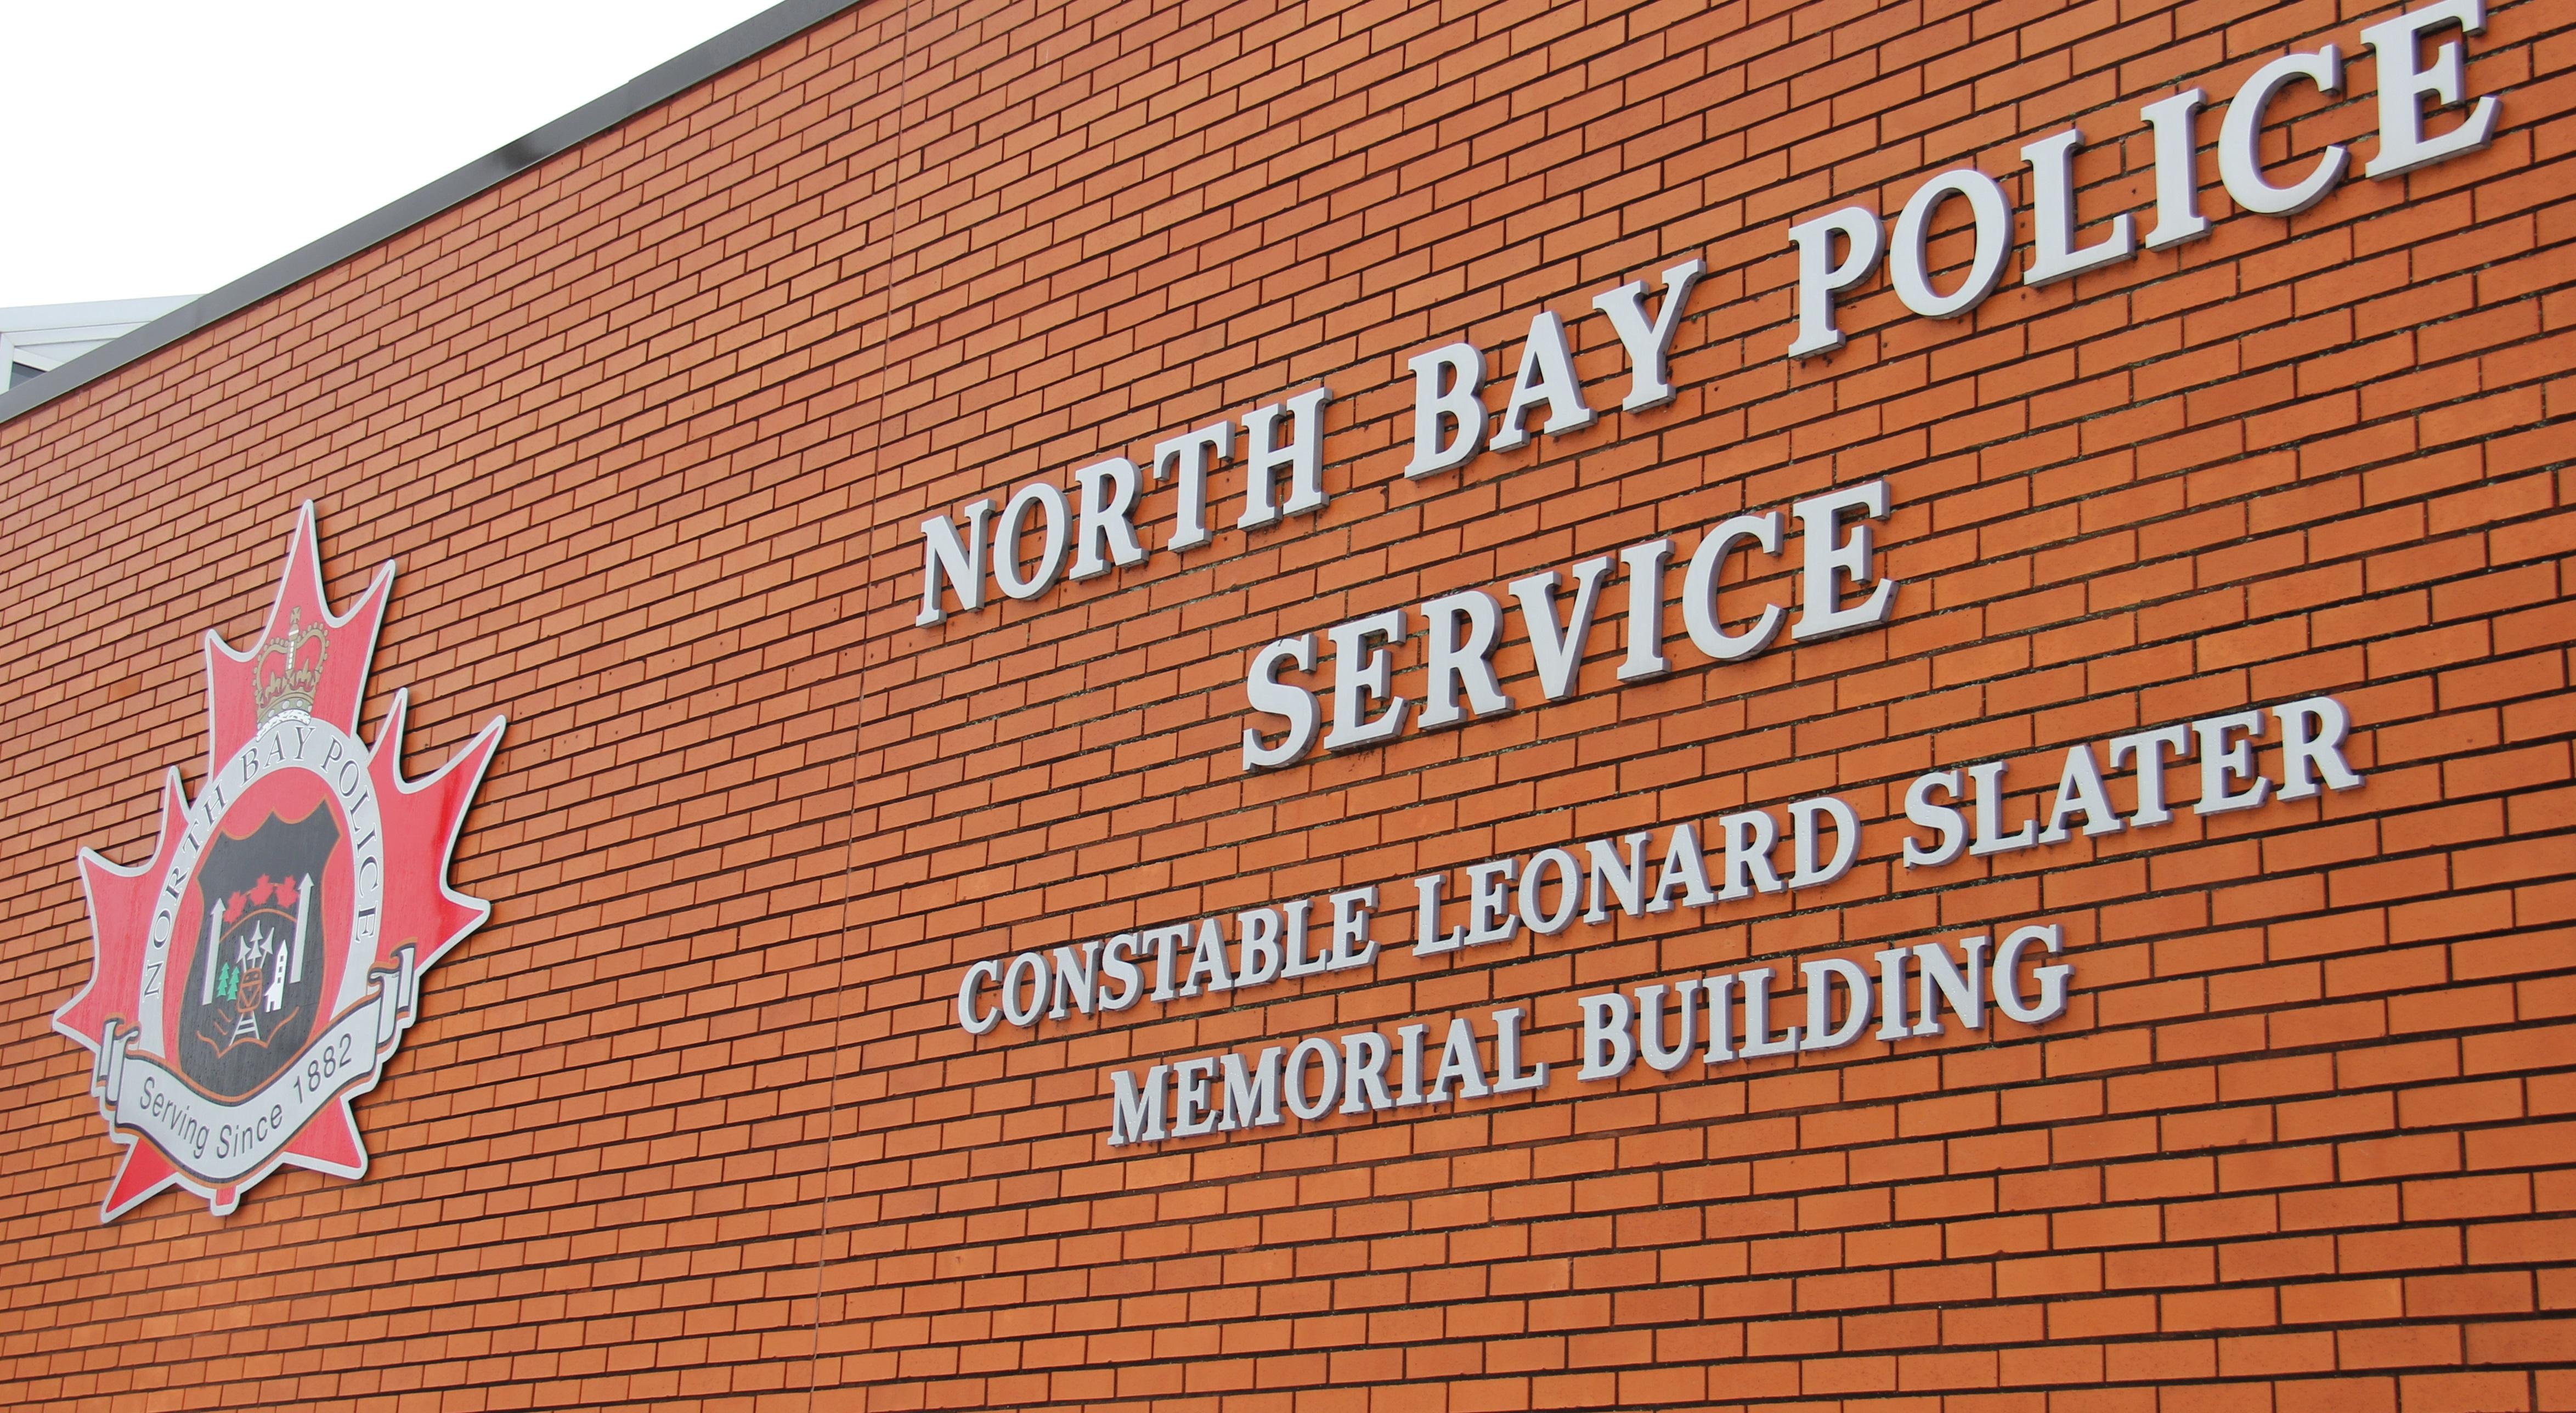 North bay sex